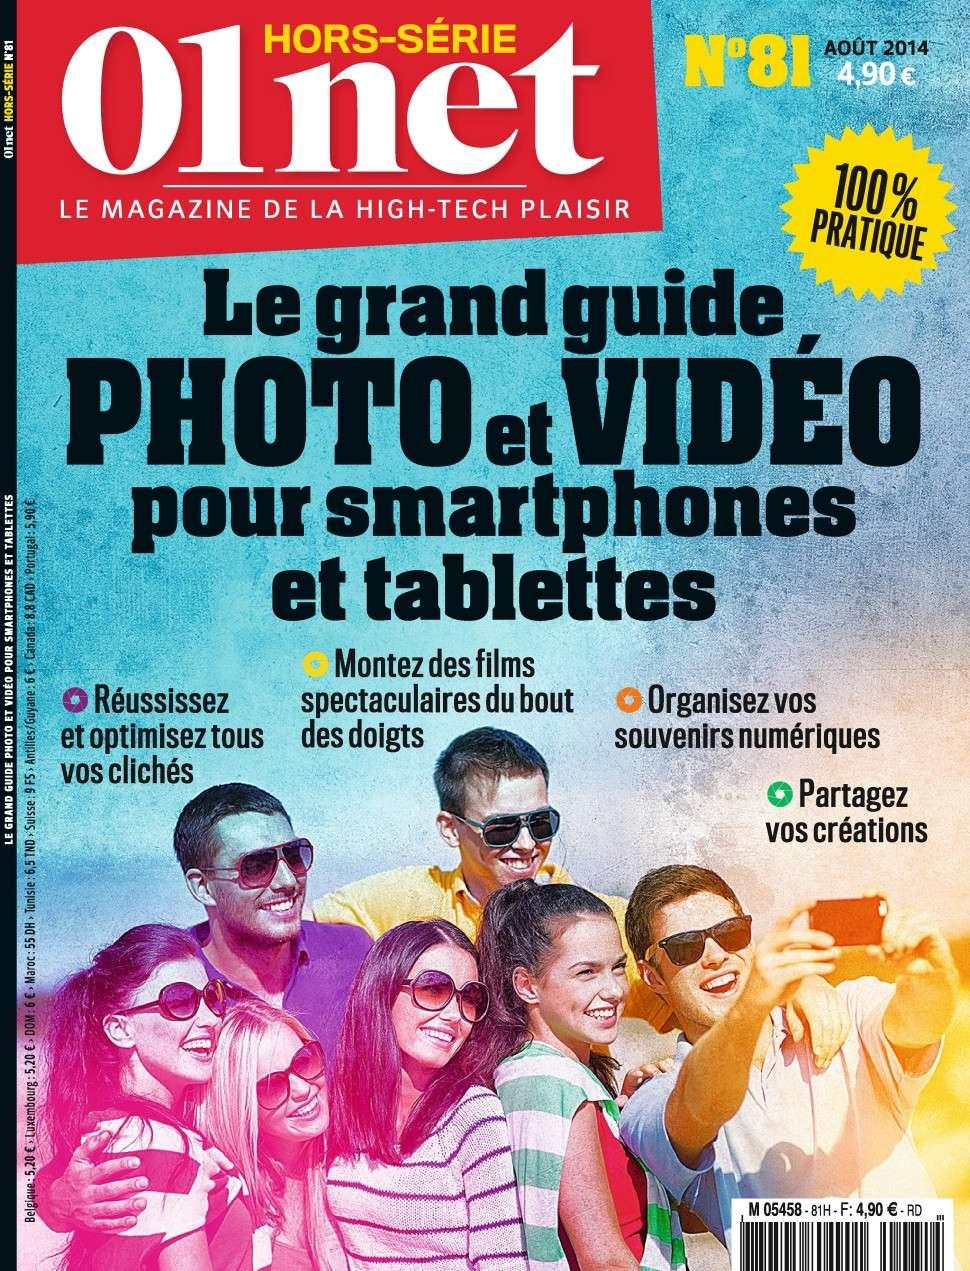 01net Hors-Série 81 - Le grand guide photo et vidéo pour tablettes et smartphones